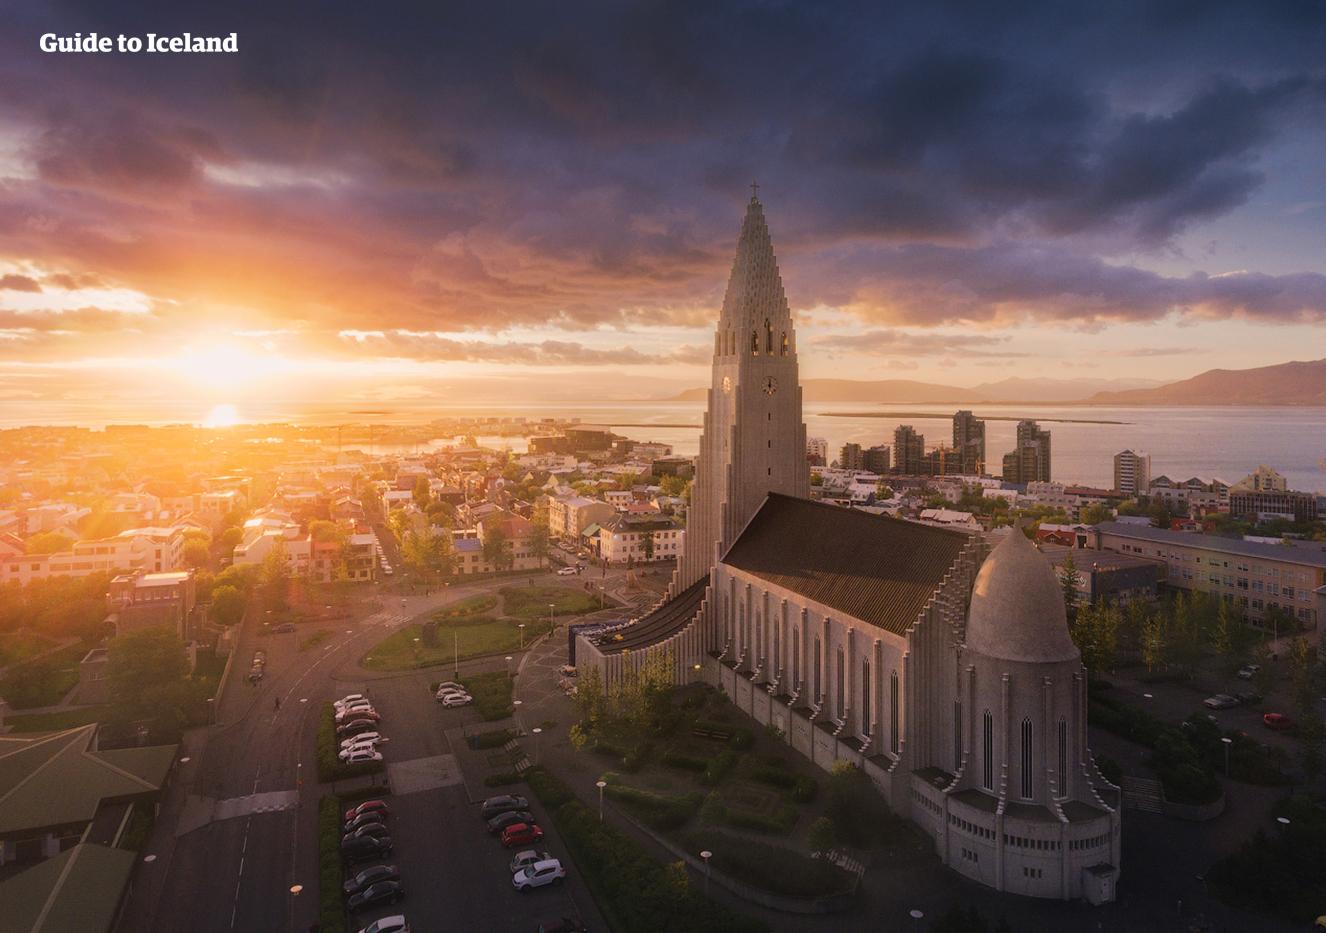 Die Kirche Hallgrimskirkja wurde nach dem isländischen Dichter Hallgrimur Petursson benannt.